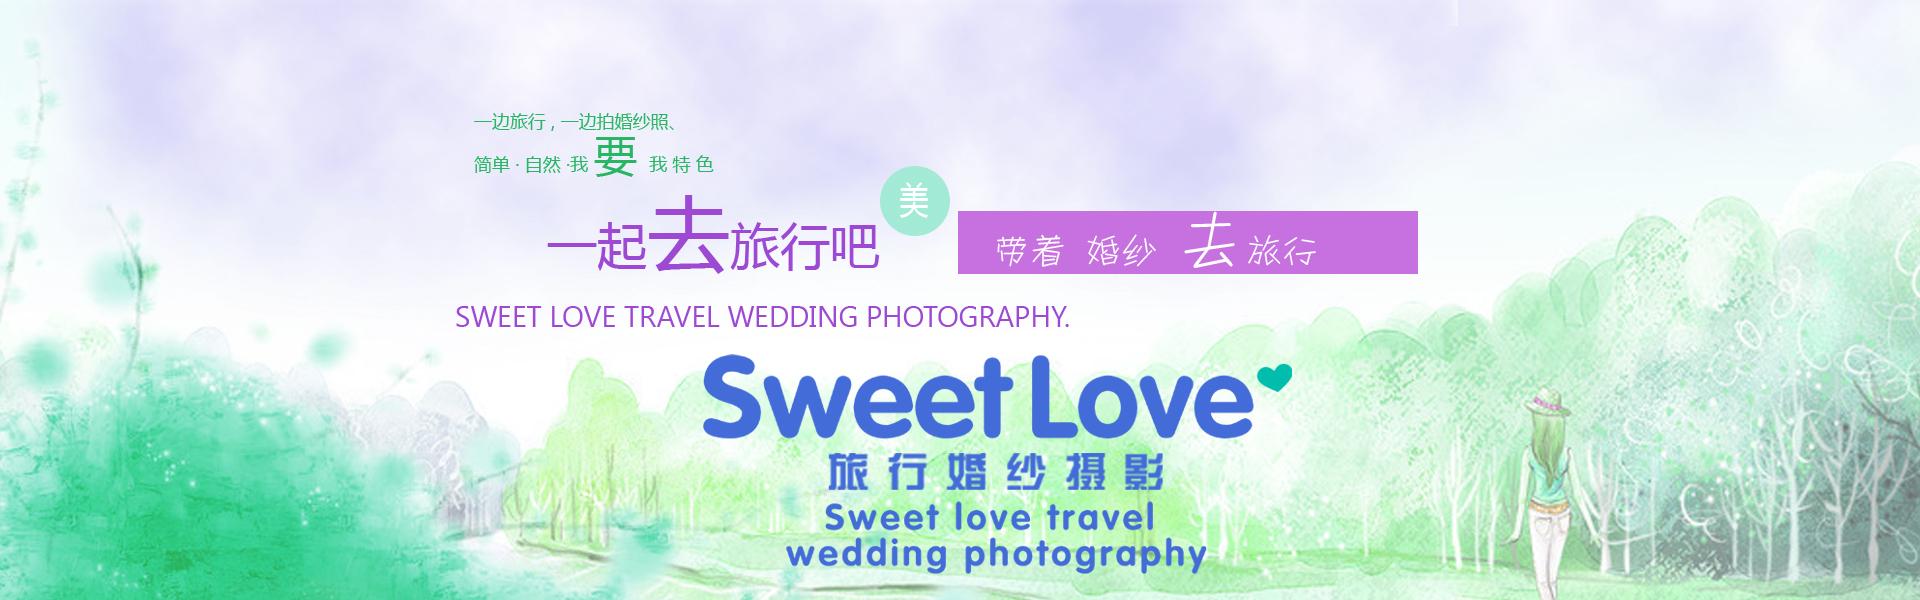 若尔盖婚纱摄影大草原旅拍婚纱照怎么拍好看